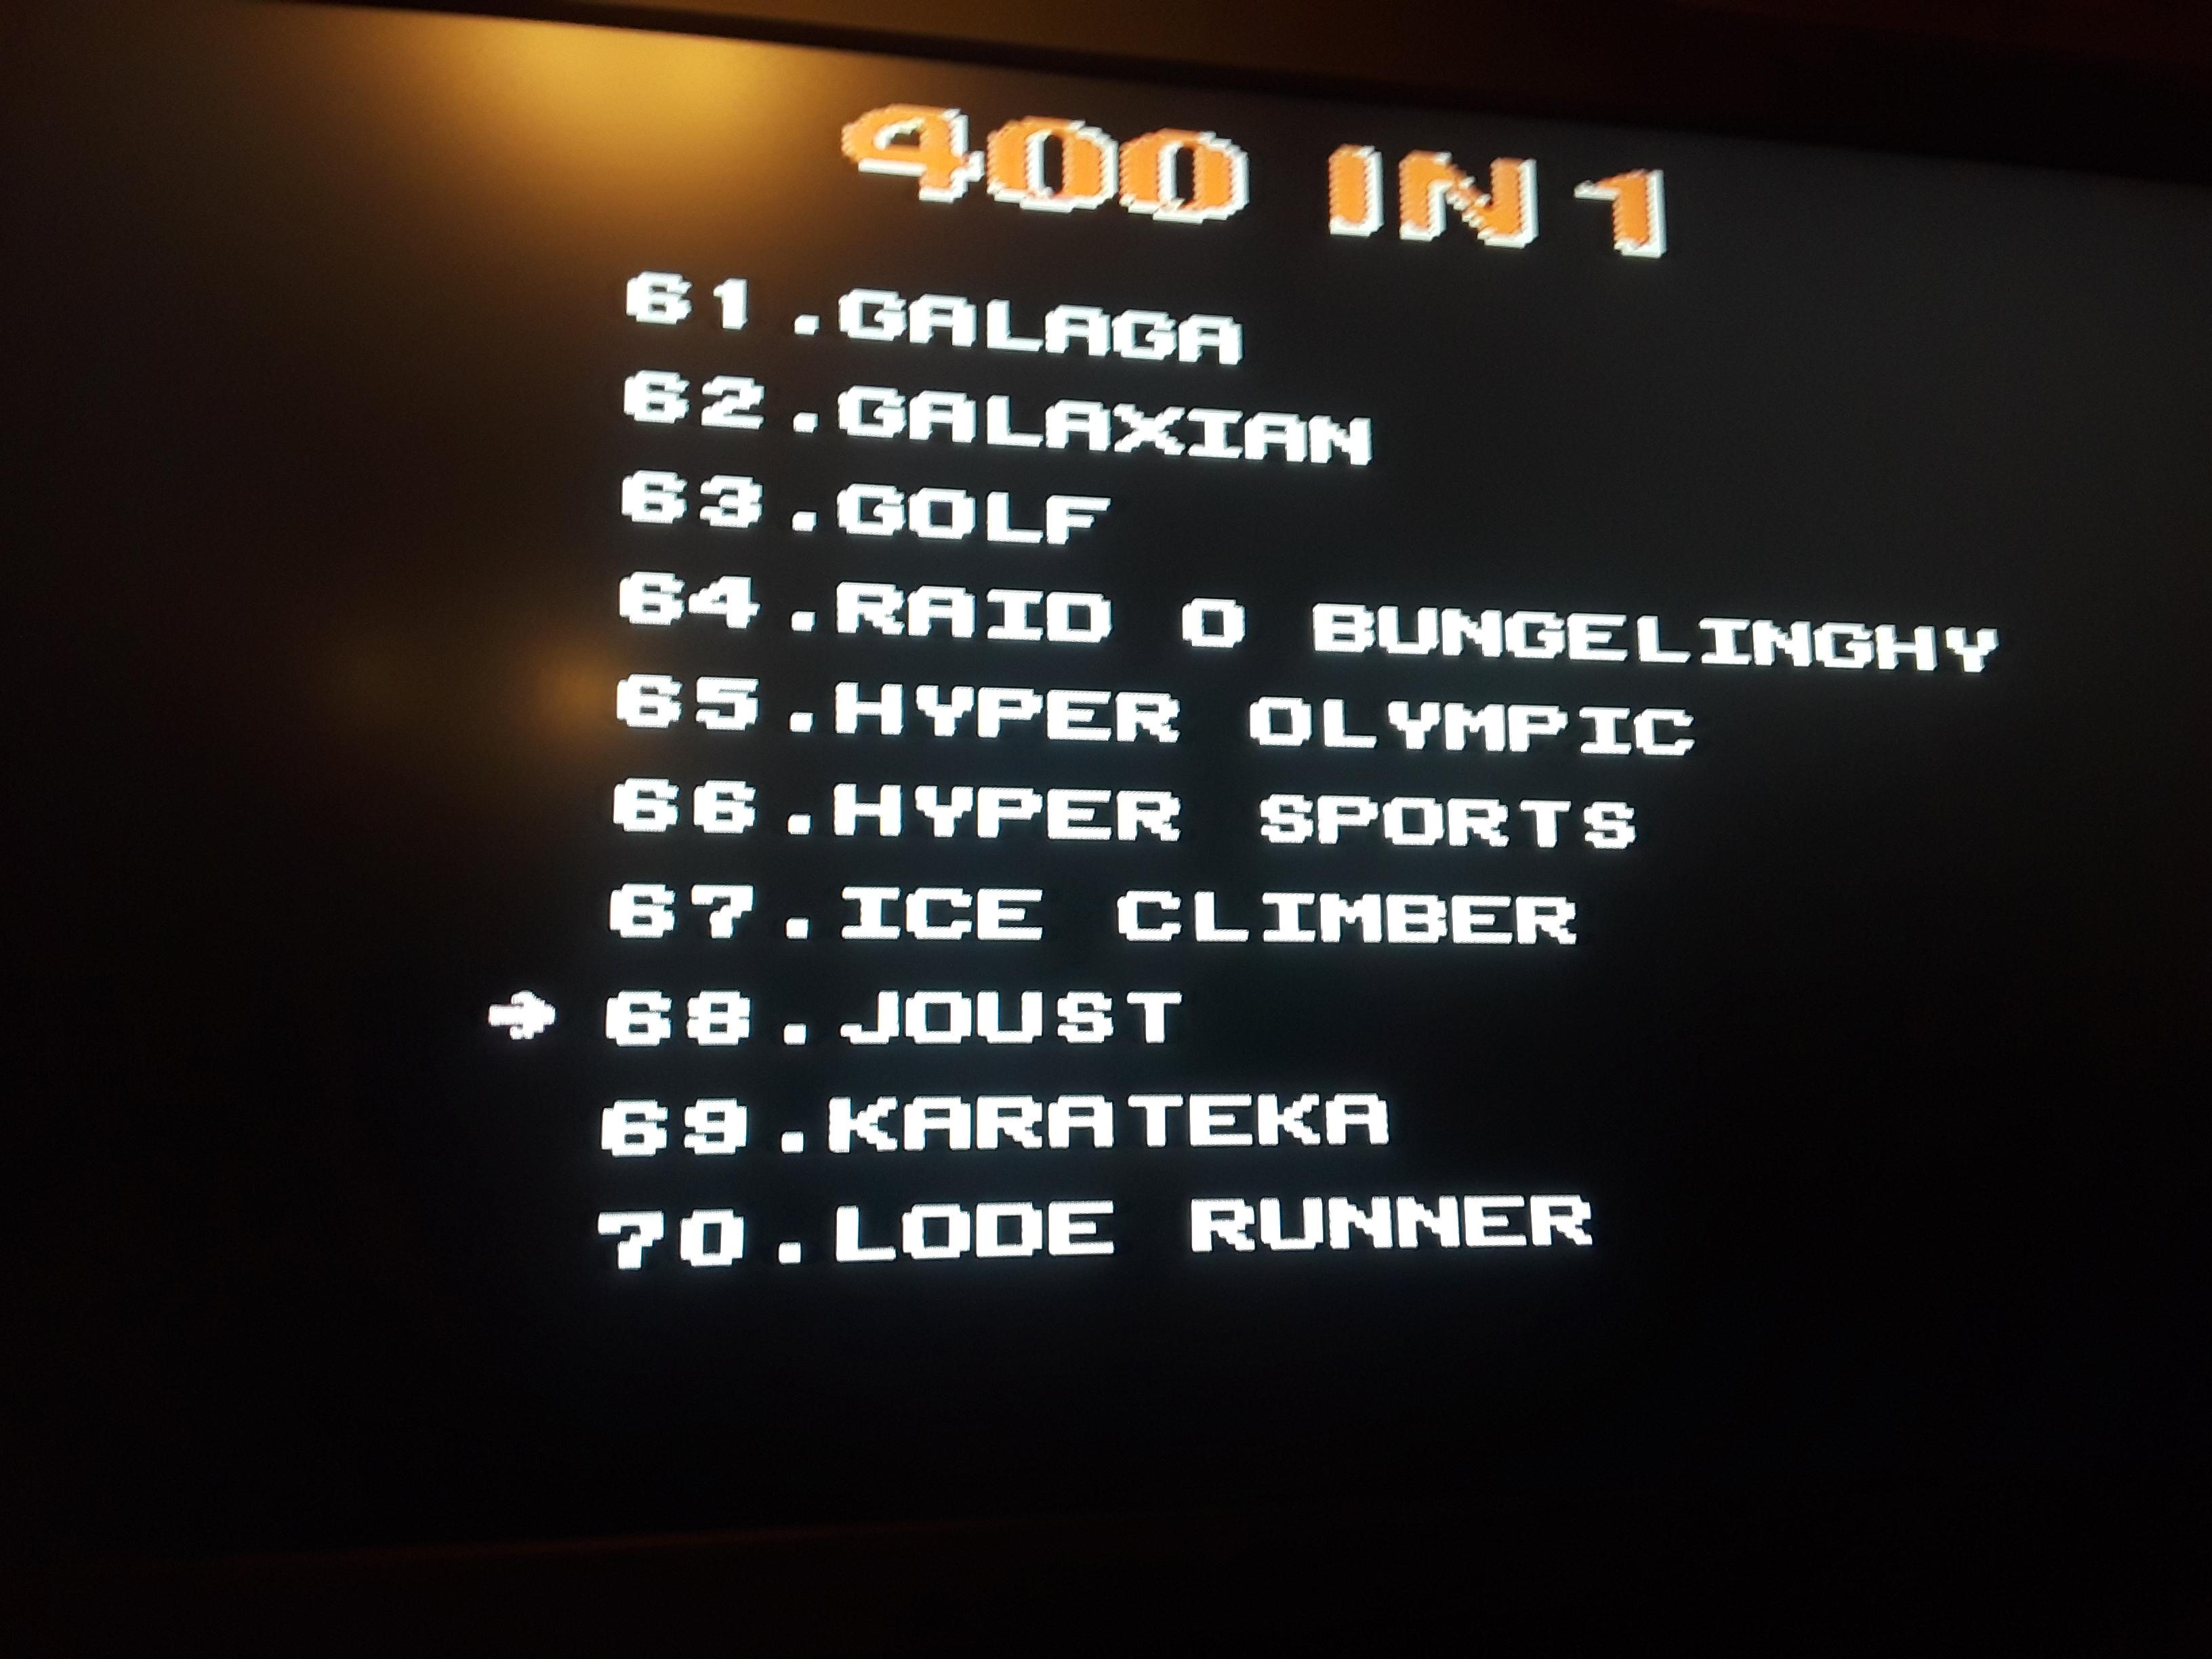 Joust 8,500 points